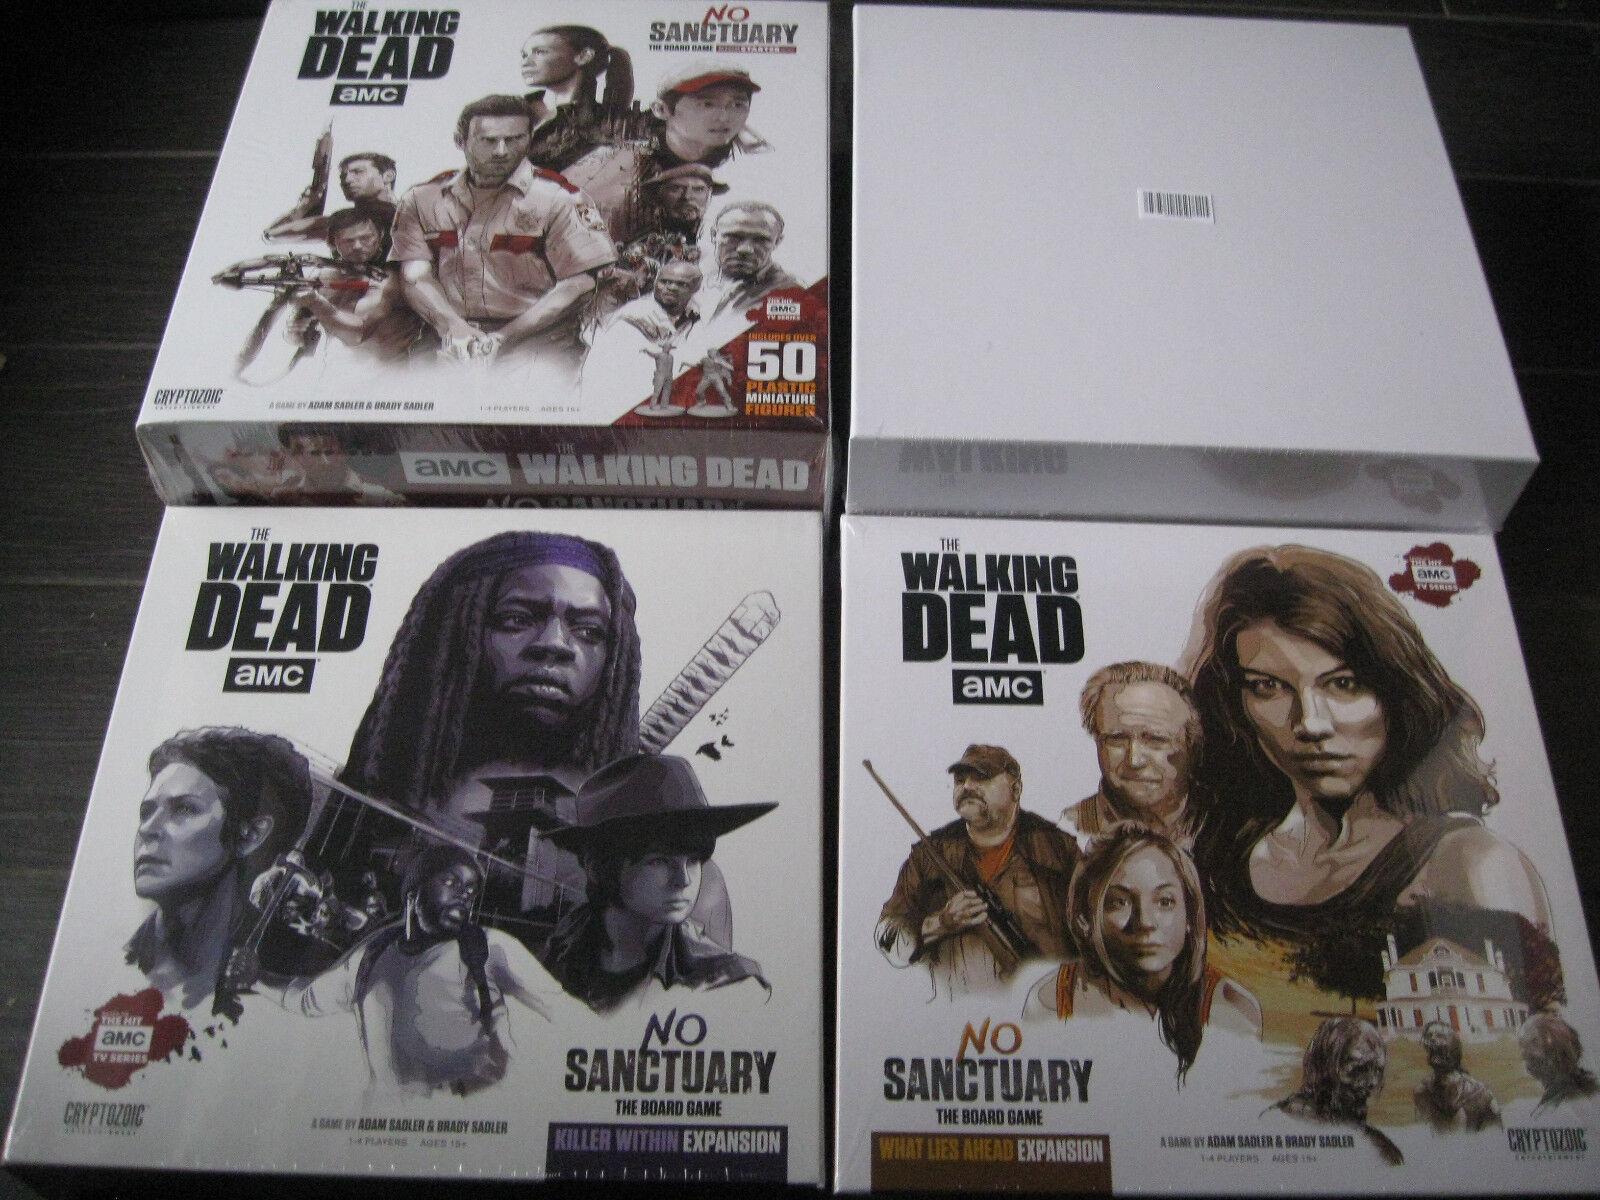 The Walking Dead No santuario juego KickEstrellater exclusivo promesa con expansiones